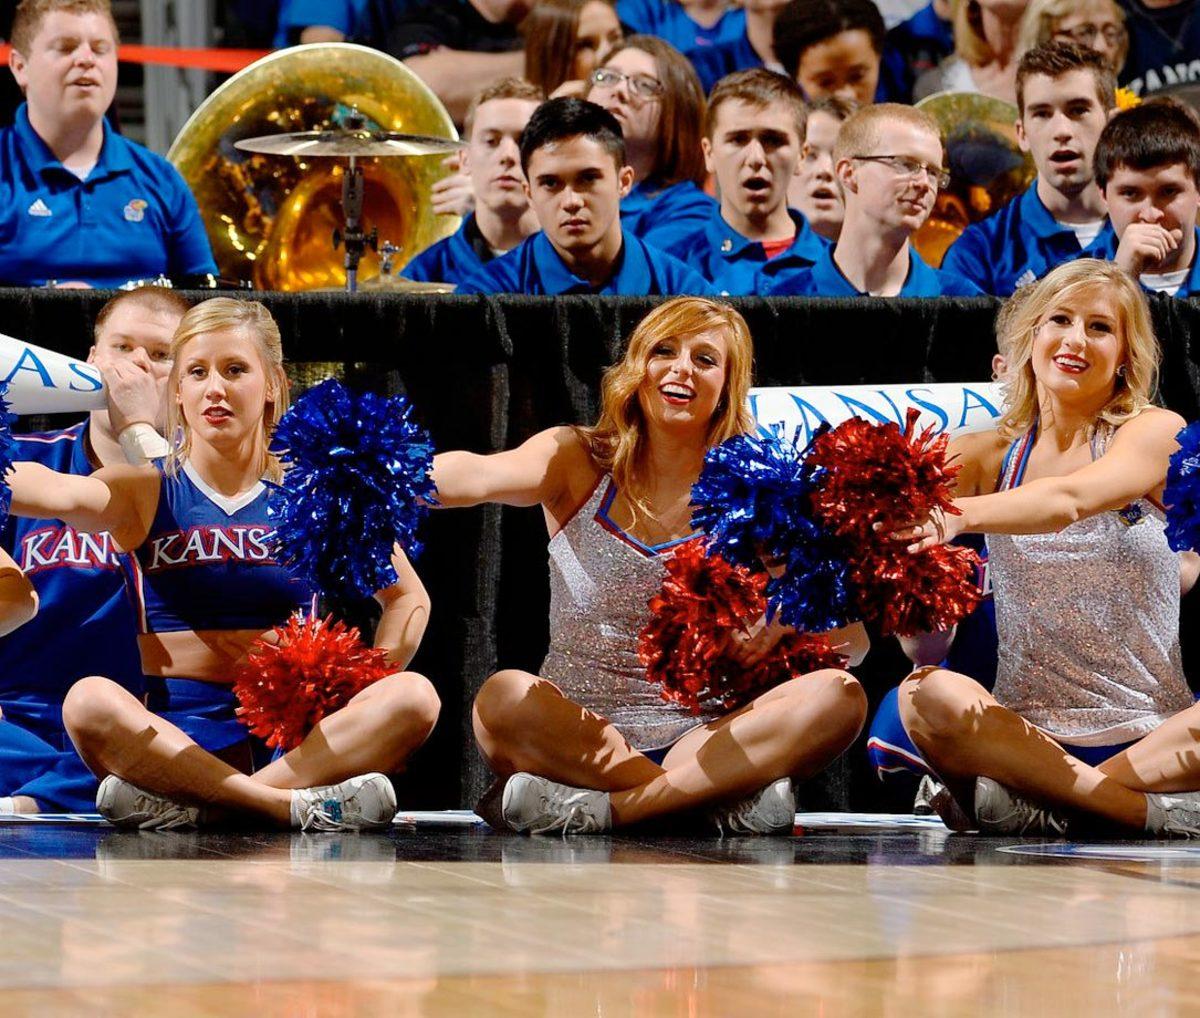 Kansas-cheerleaders-X159387_TK1_1238(2).jpg